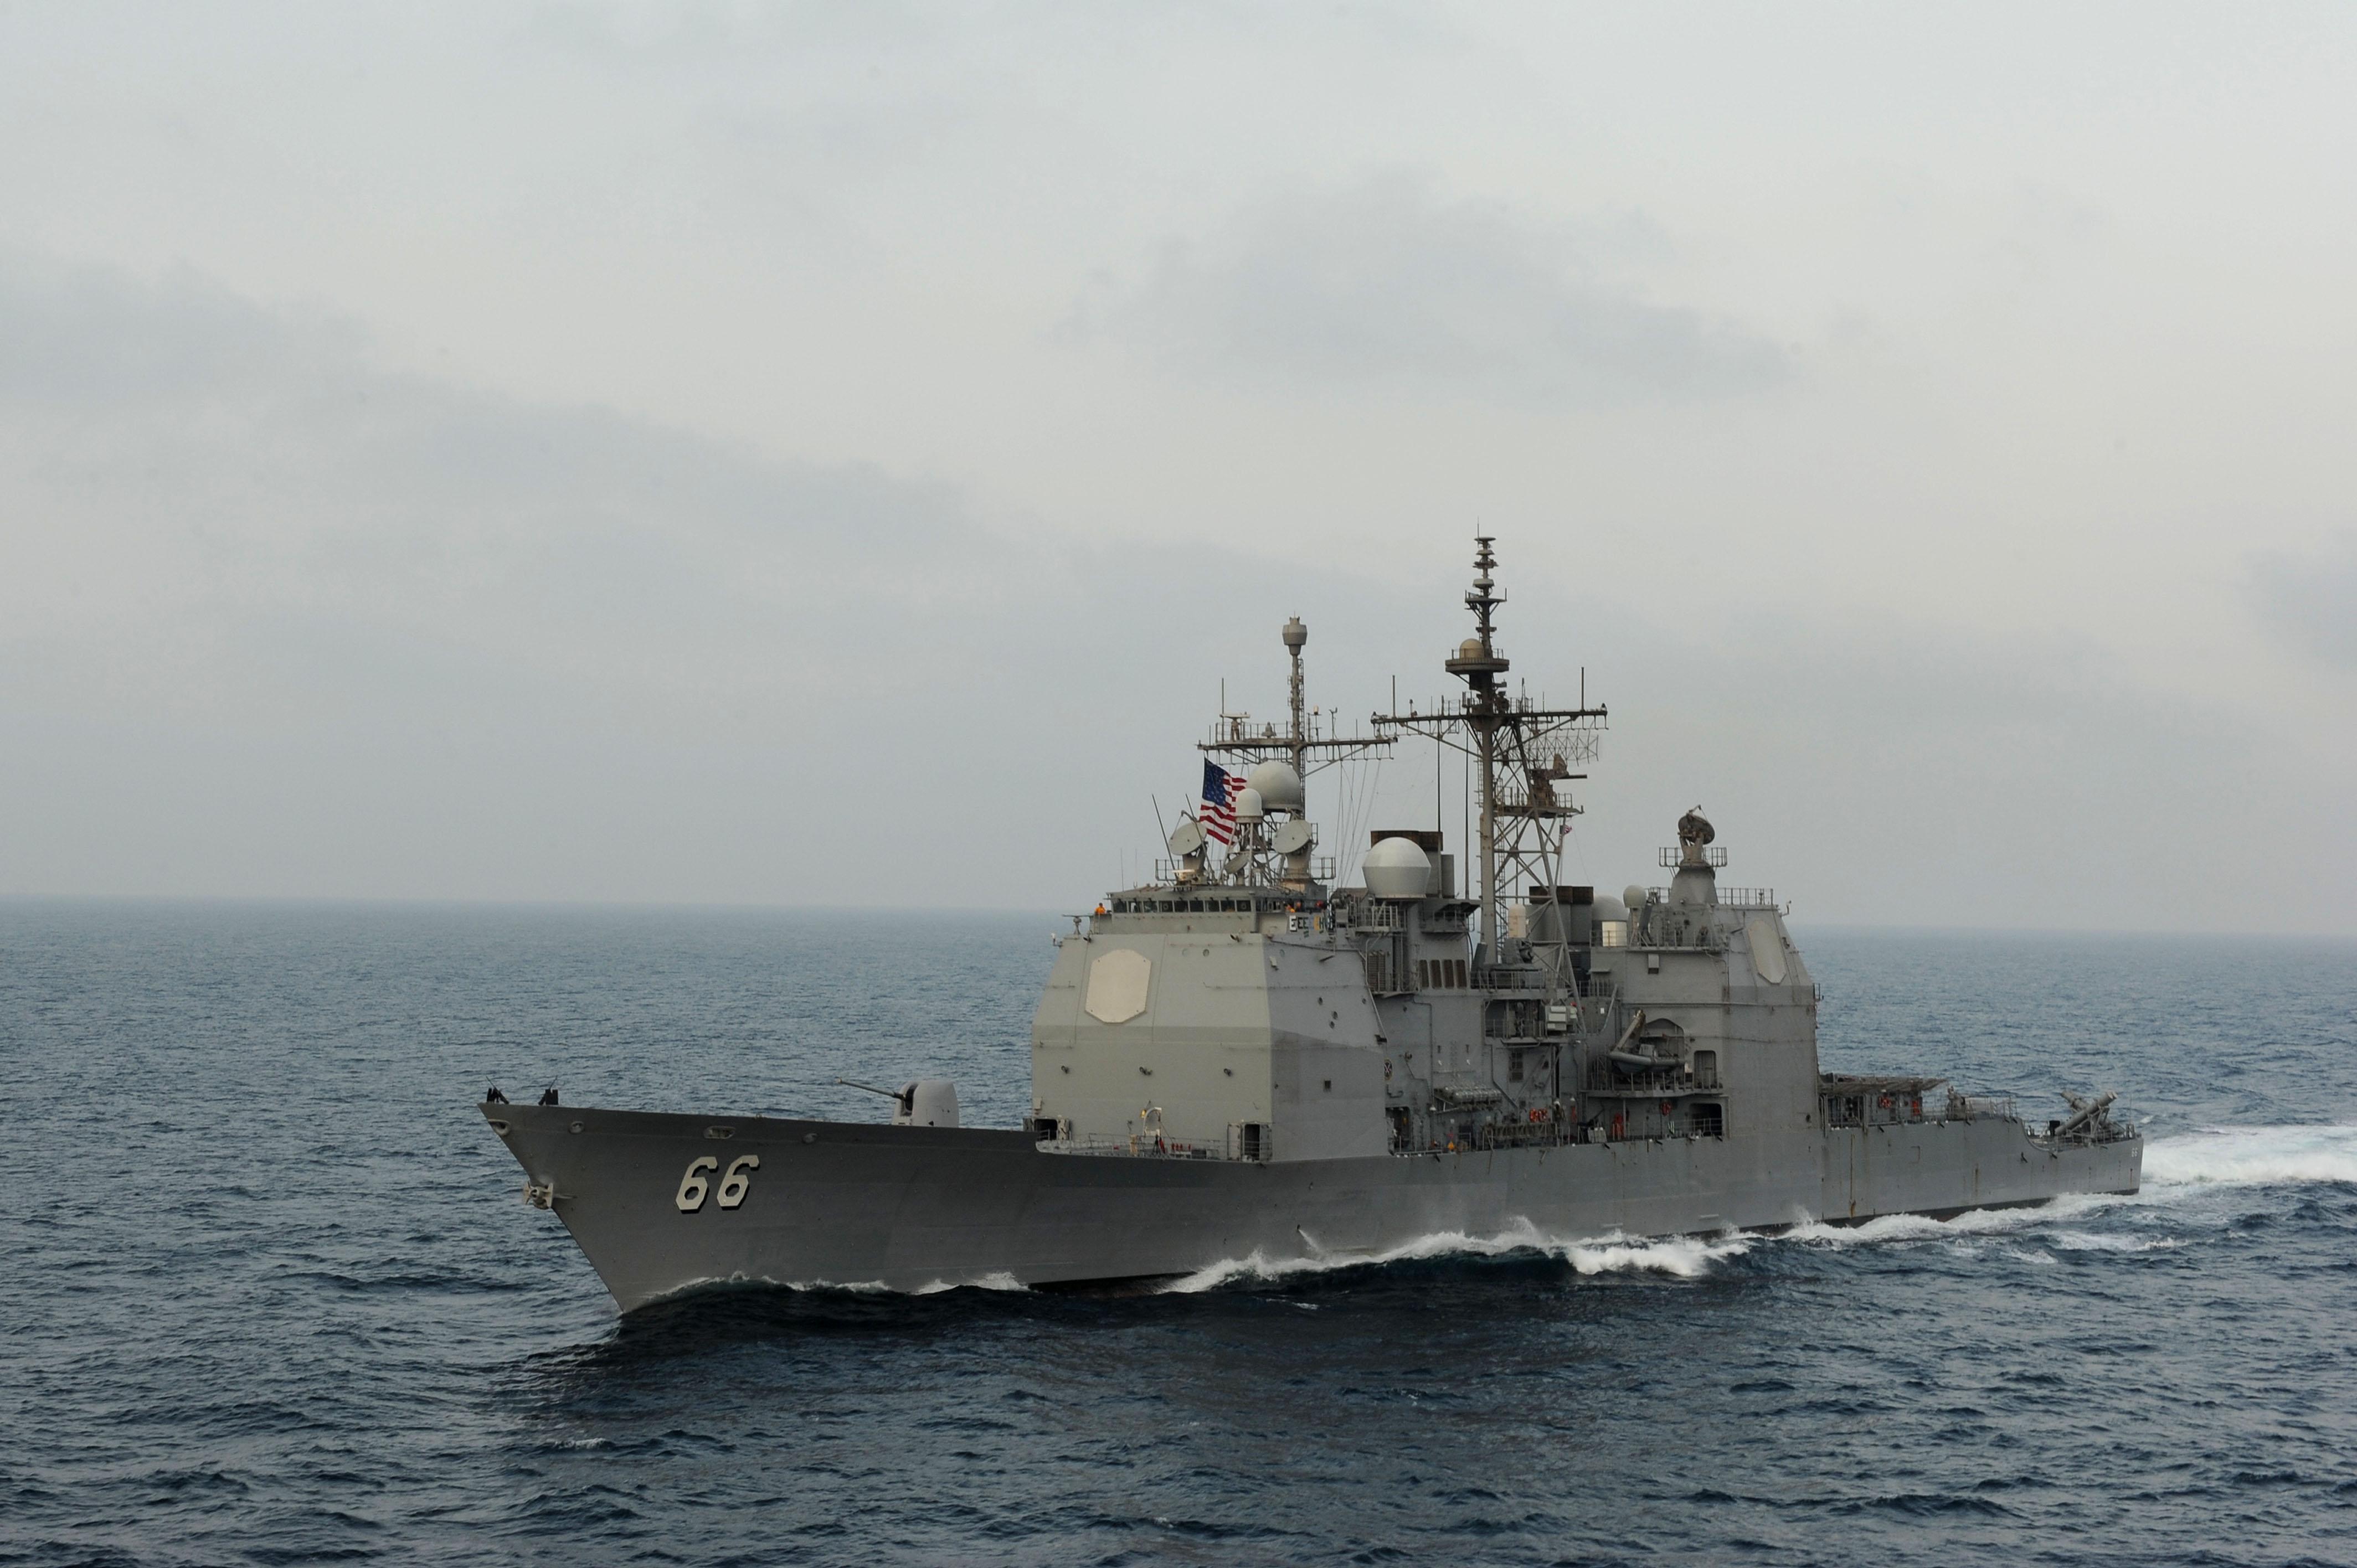 USS HUE CITY CG-66Bild: U.S. Navy